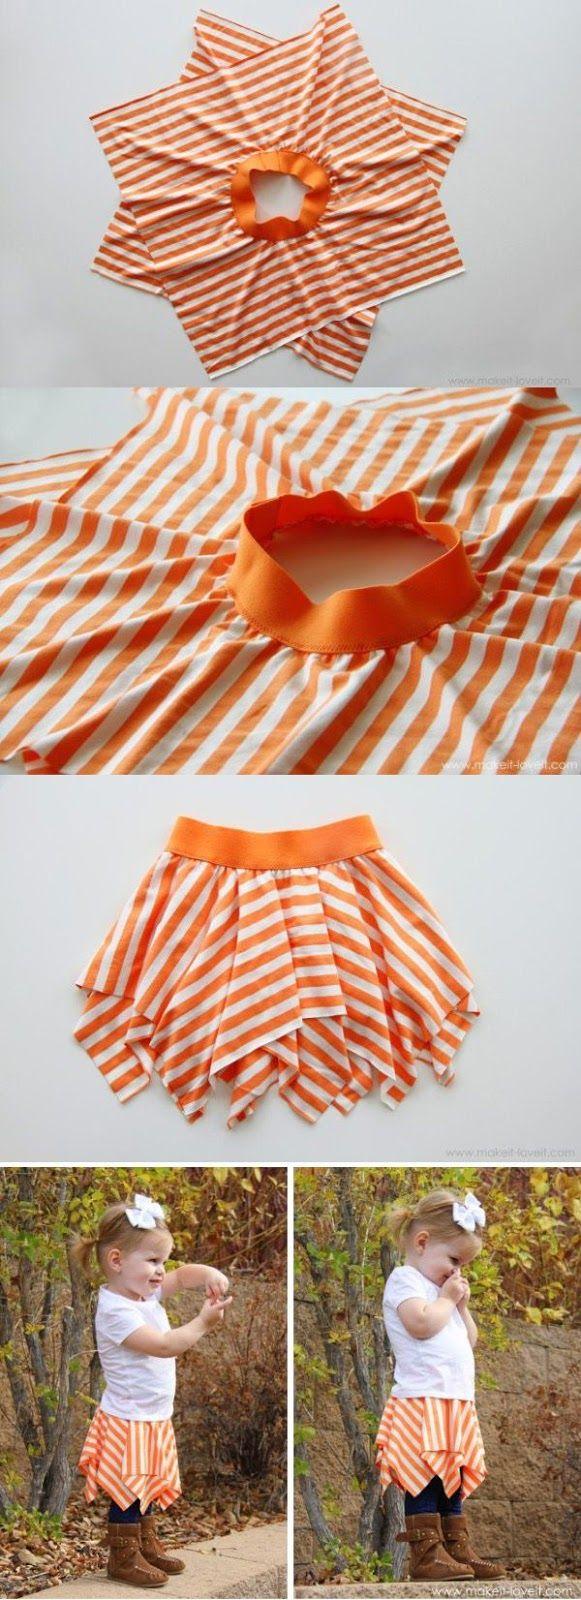 Idea para hacer una falda de picos de una forma sencilla, solo necesitamos dos cuadrados de tela de punto y un elástico ancho.